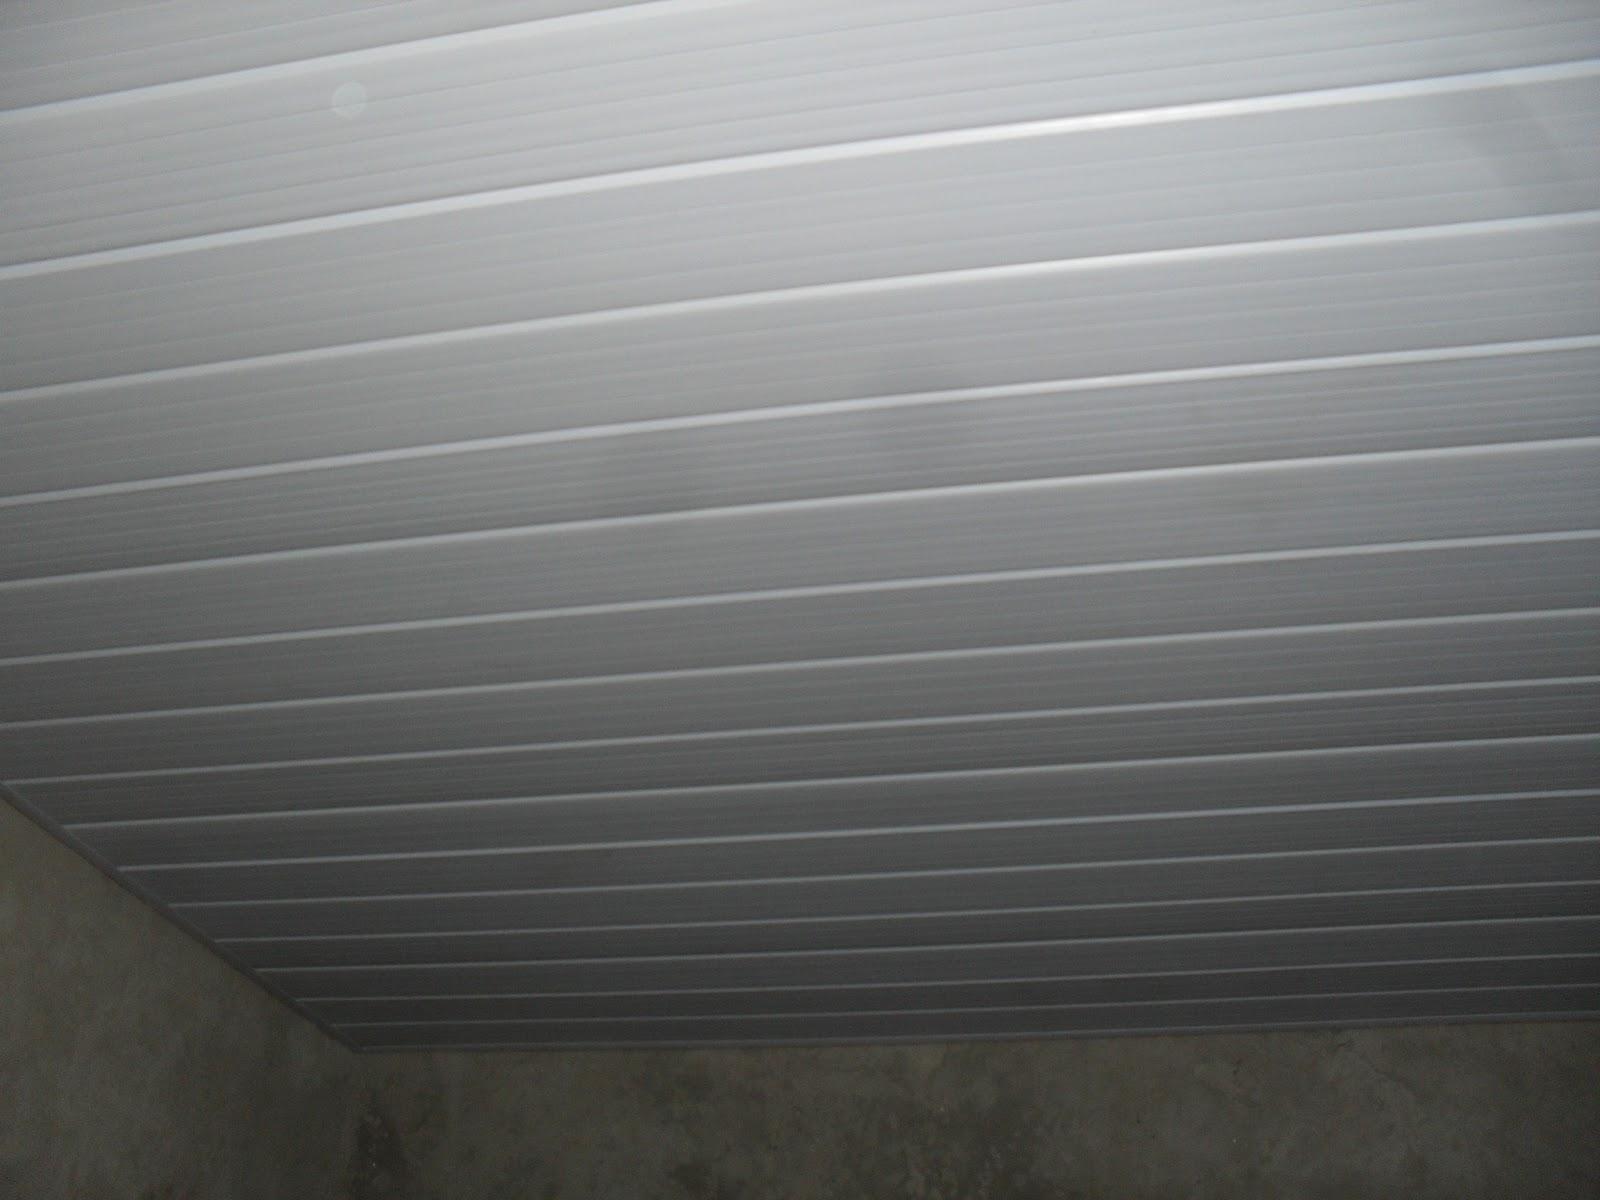 Imagens de #61666A FK CAMISETAS COMUNICAÇÃO: FORRO EM PVC E BOX PARA BANHEIRO/PIA 1600x1200 px 2996 Box Banheiro De Pvc